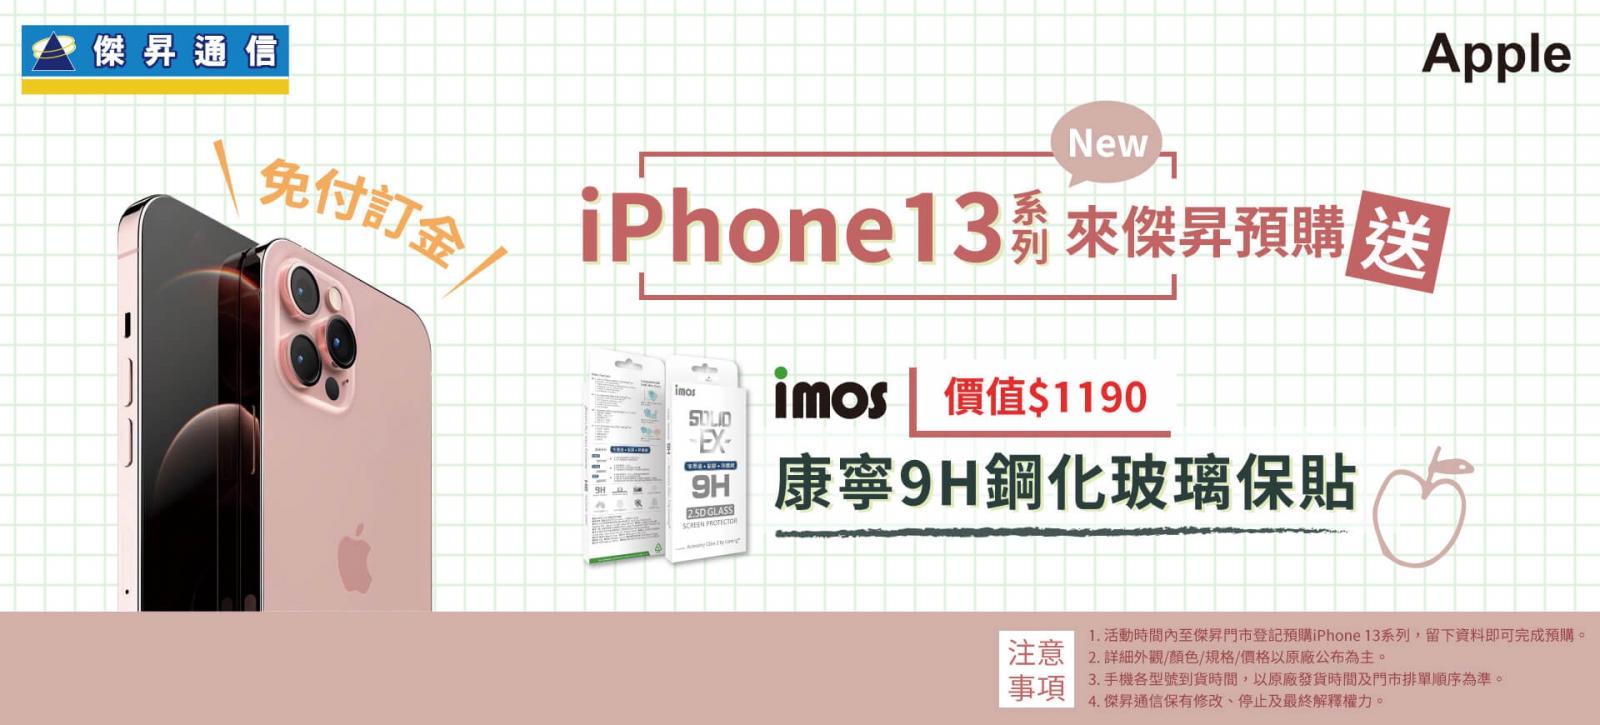 iPhone 13預購來傑昇 免付訂金再送千元配件